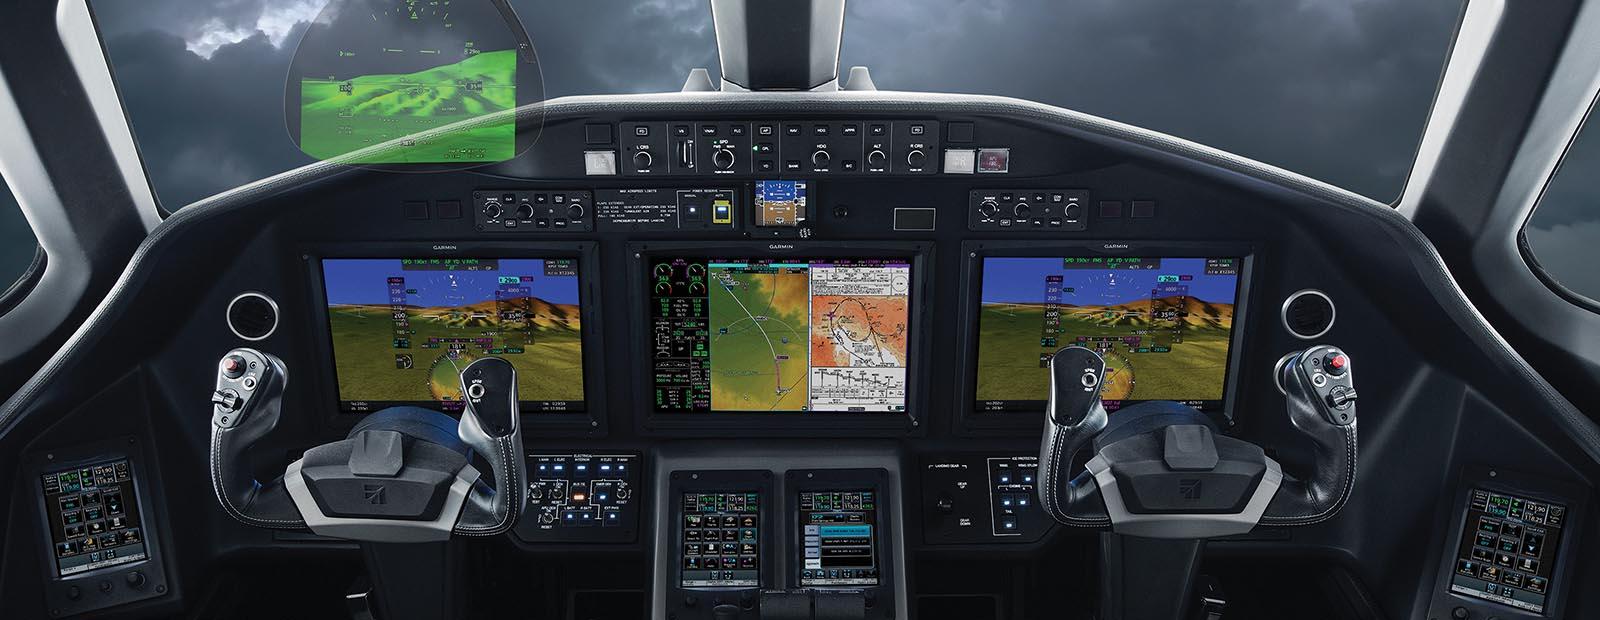 Business Aviation – Flight Decks & Displays